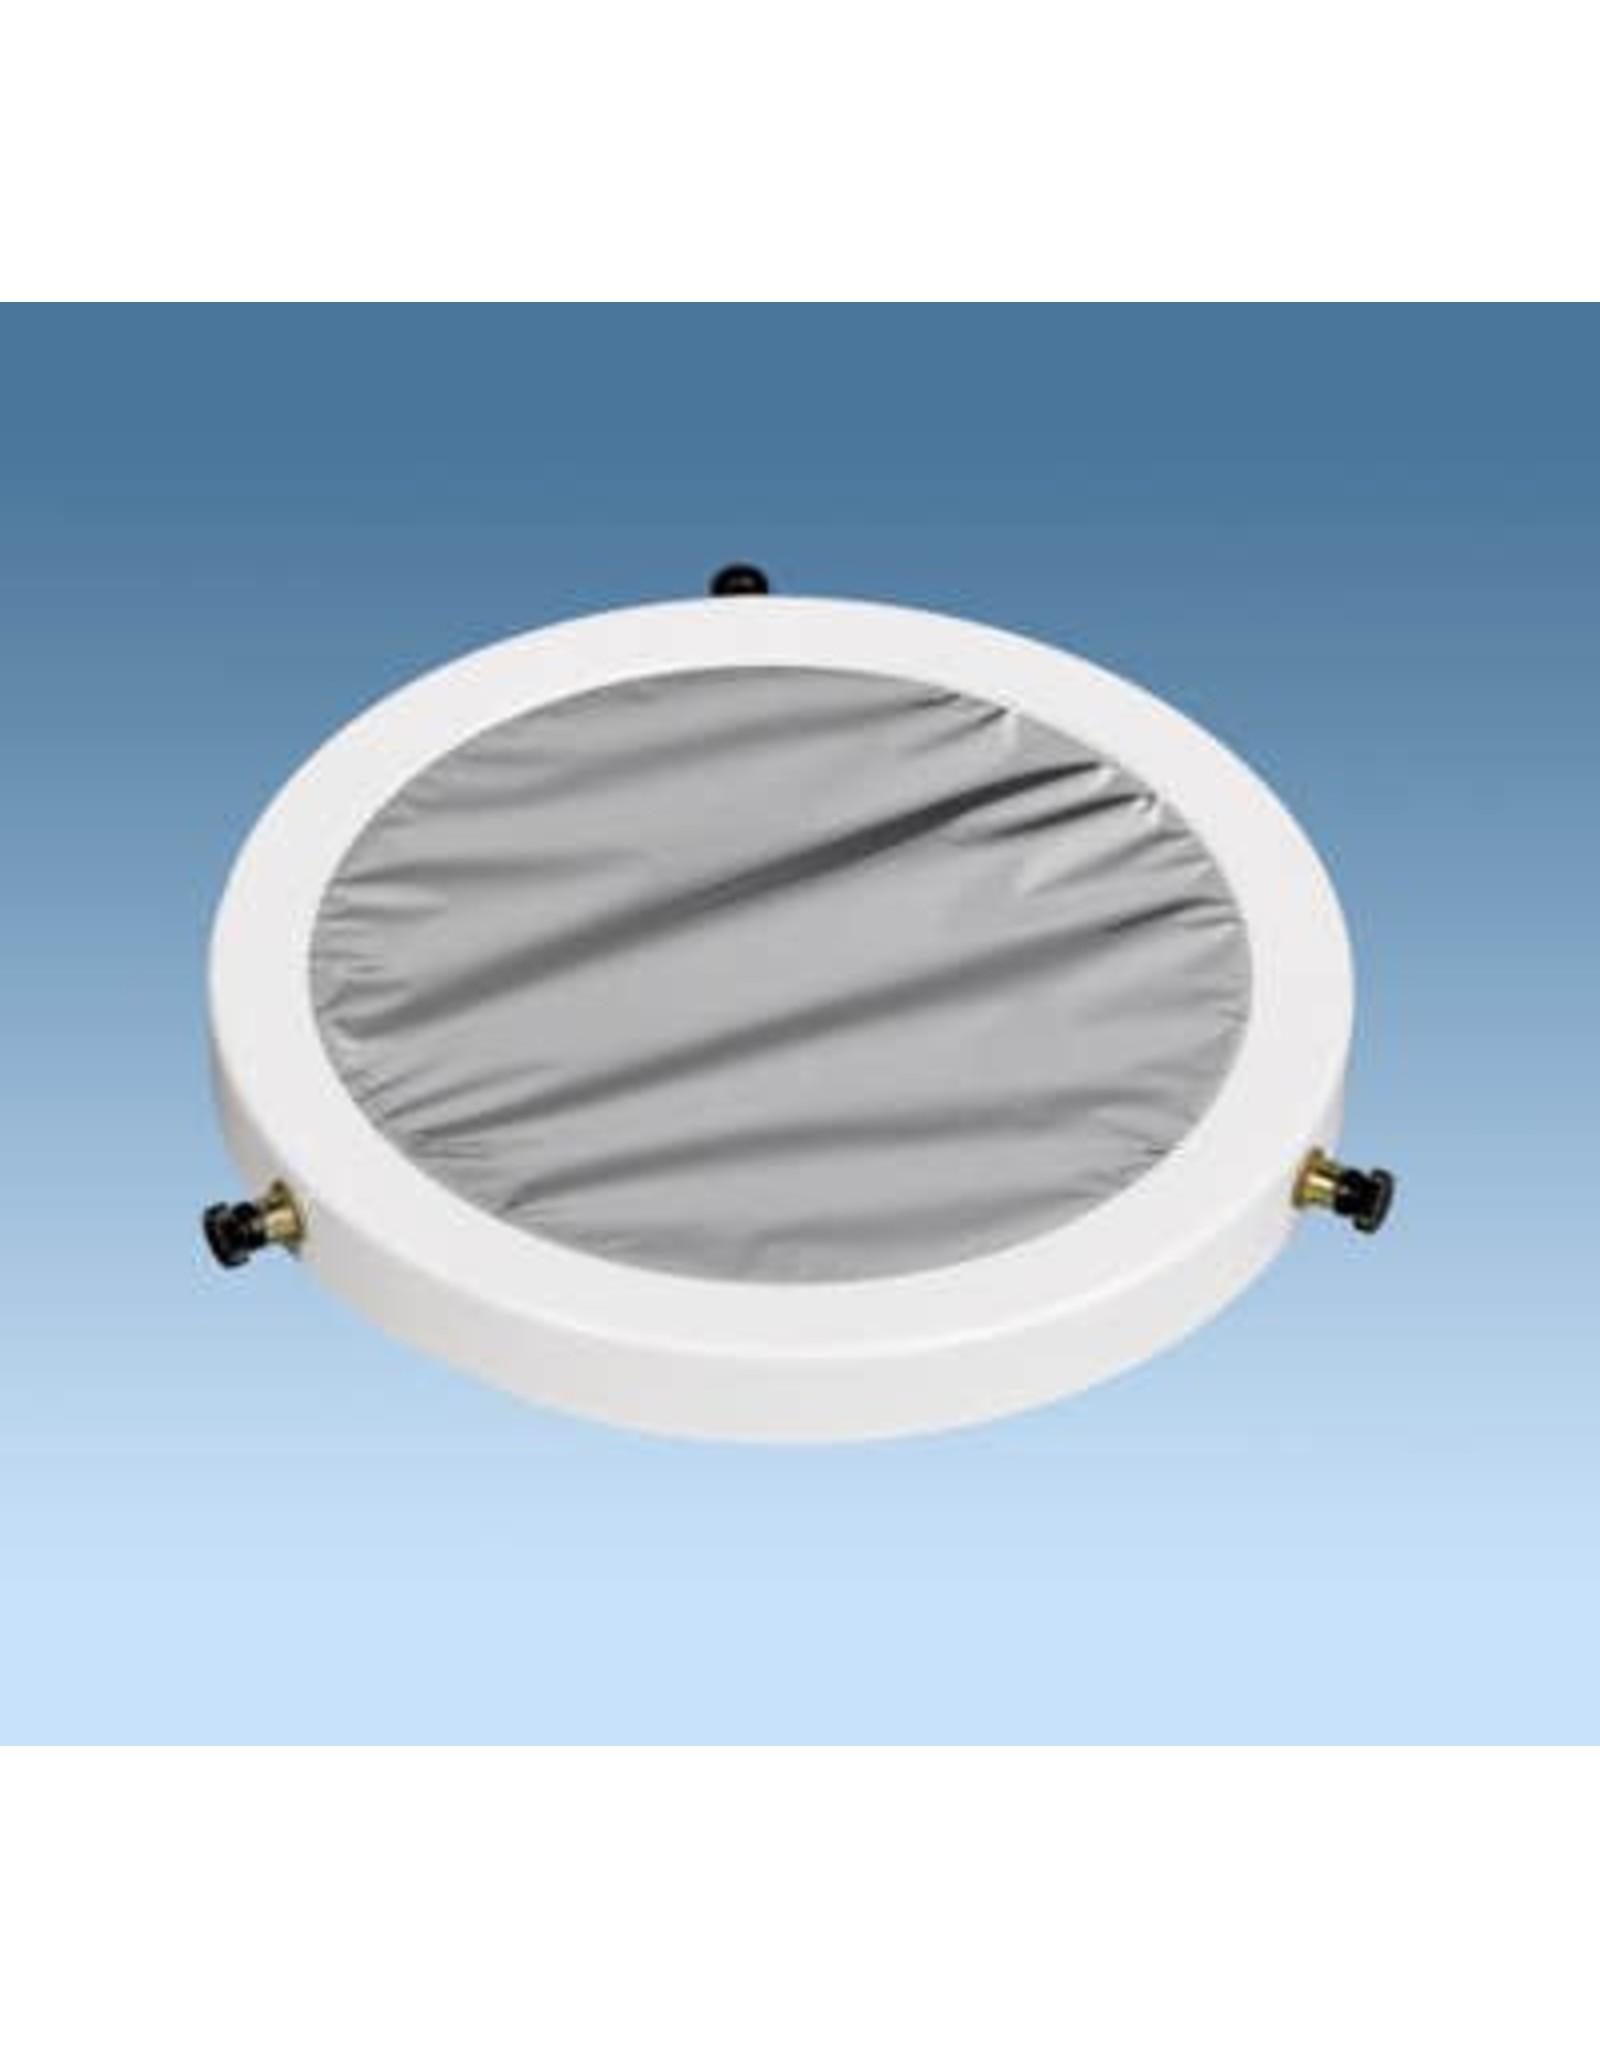 Astrozap AZ-1002-1 Baader Solar Filter - 145mm-155mm (ETX125)